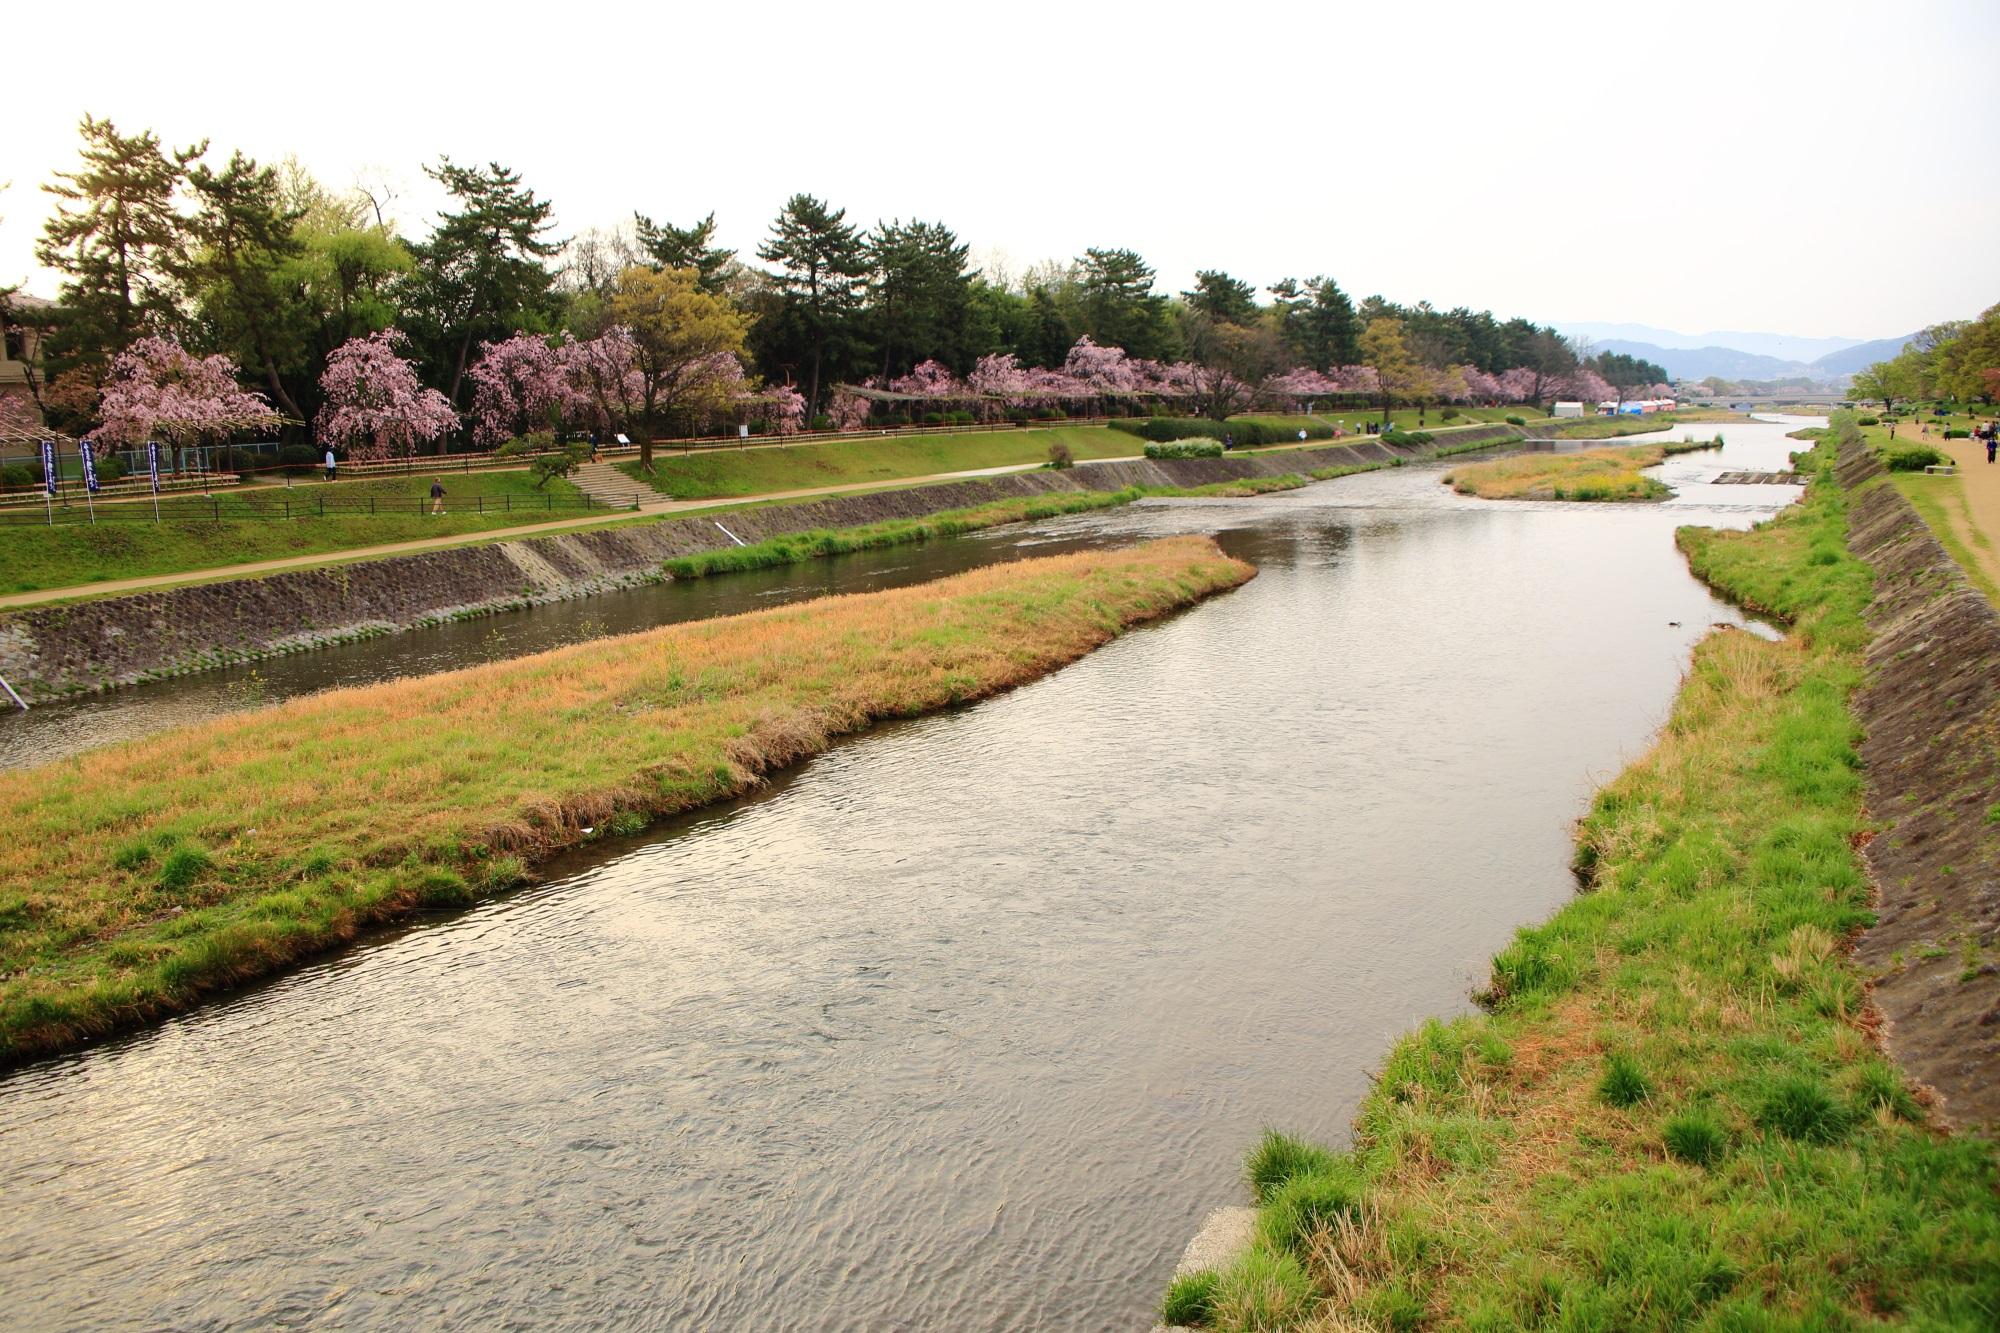 北山大橋から眺めた半木の道のしだれ桜